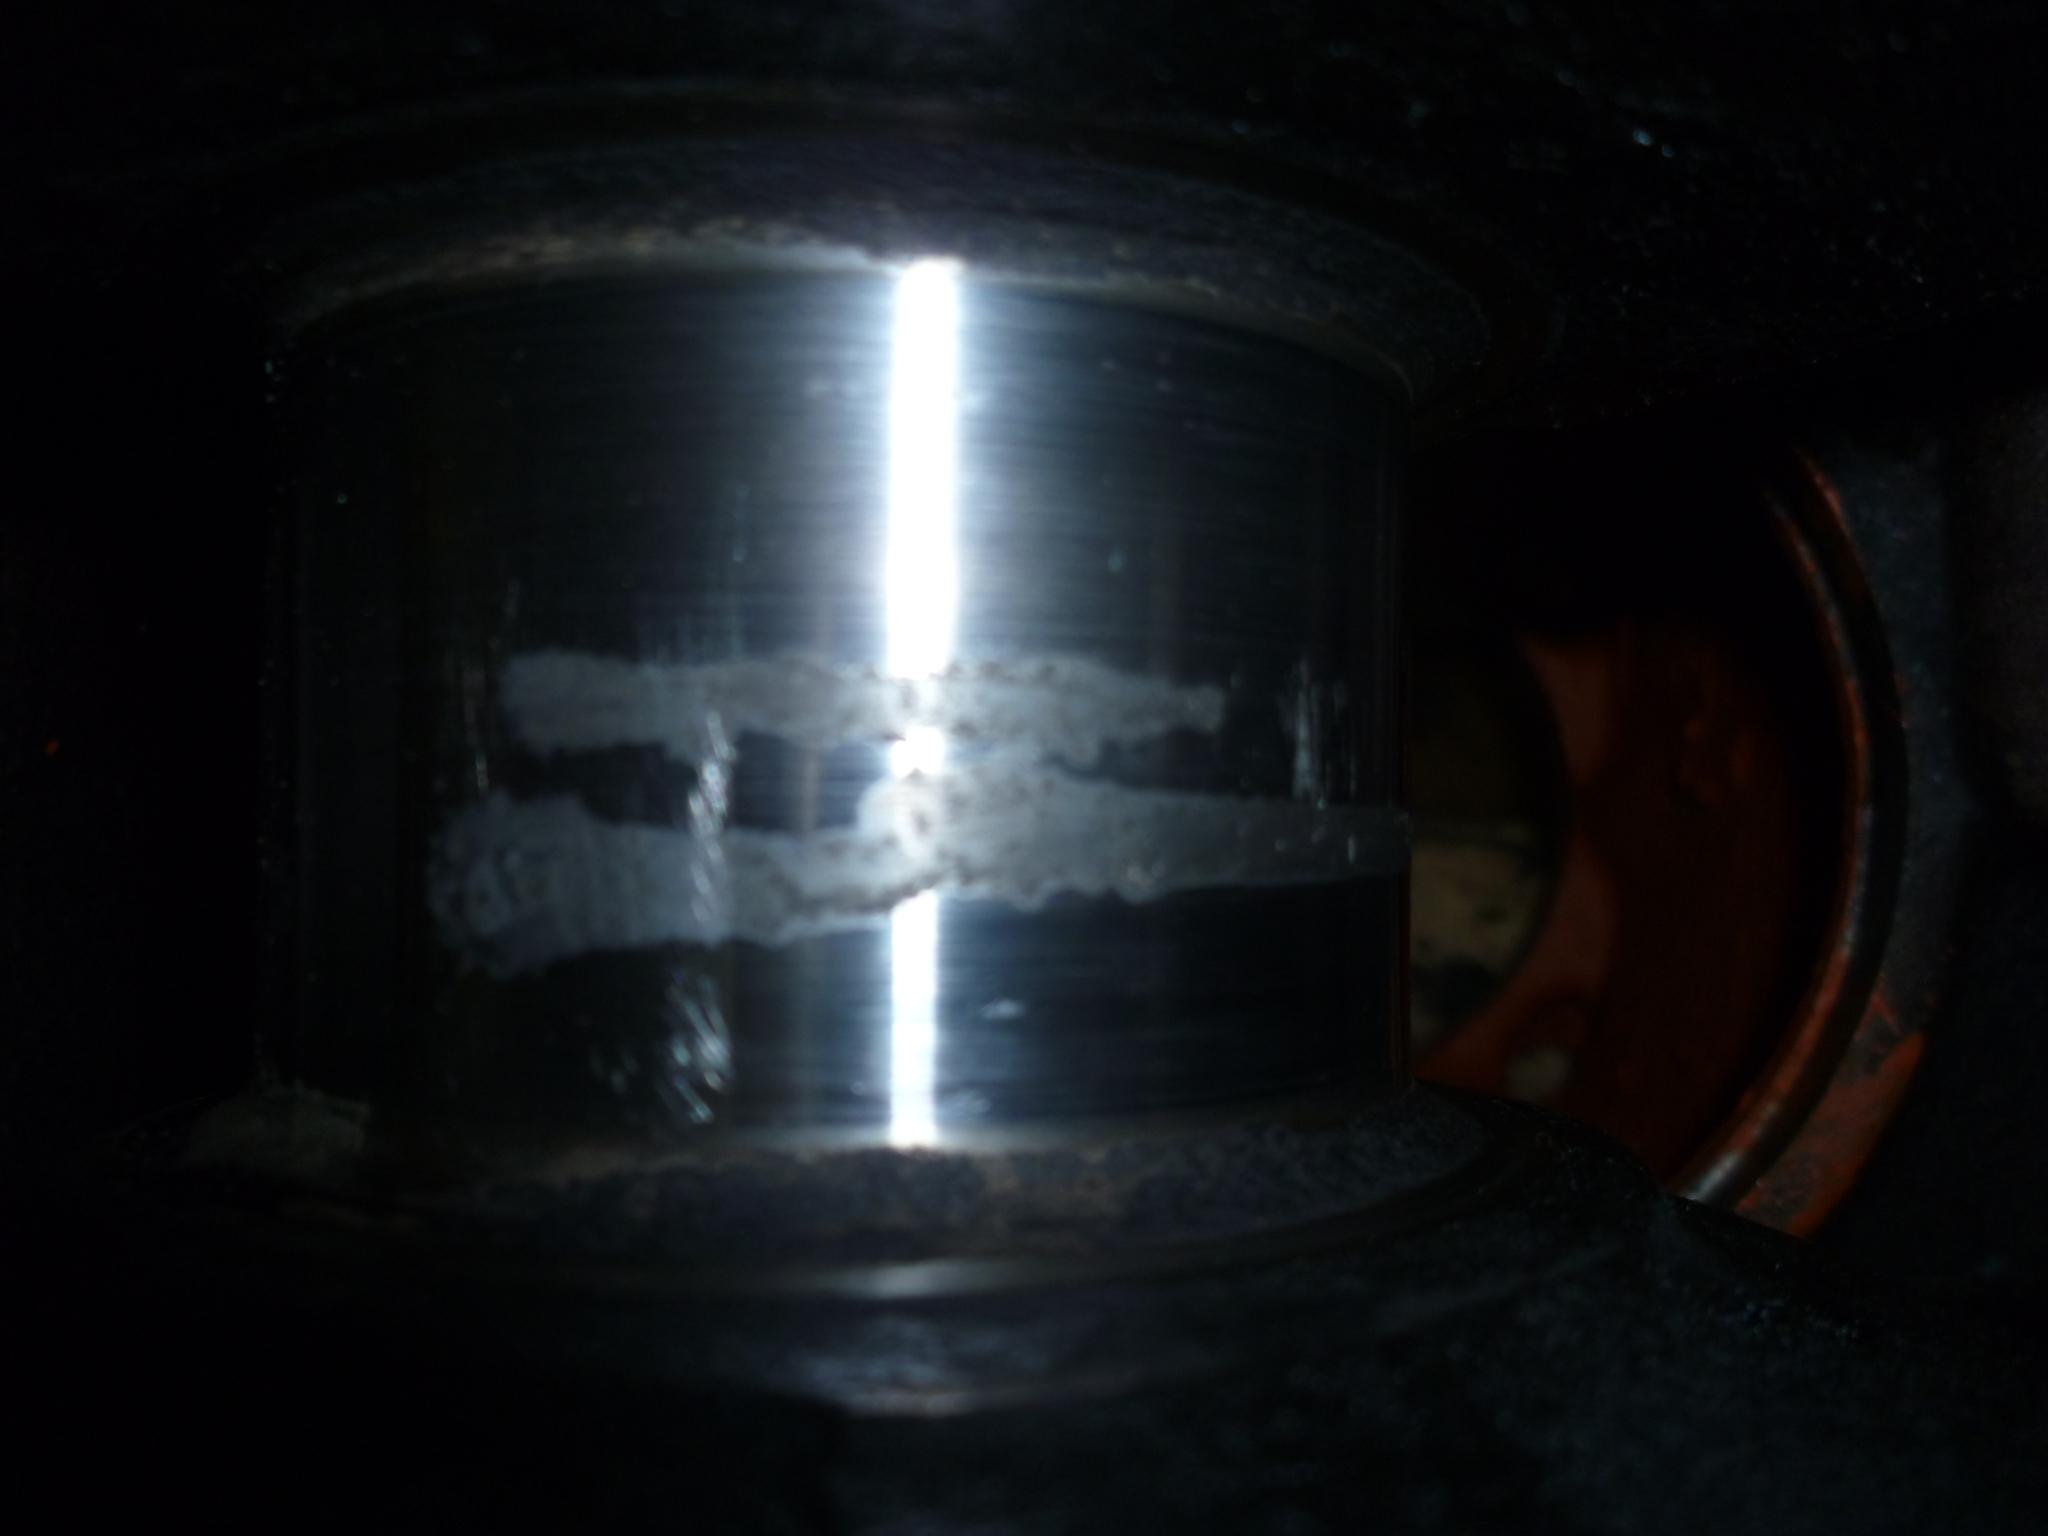 [EBRO SUPER 55] Agua en el aceite motor (en vías de solución) - Página 2 Fd68g8